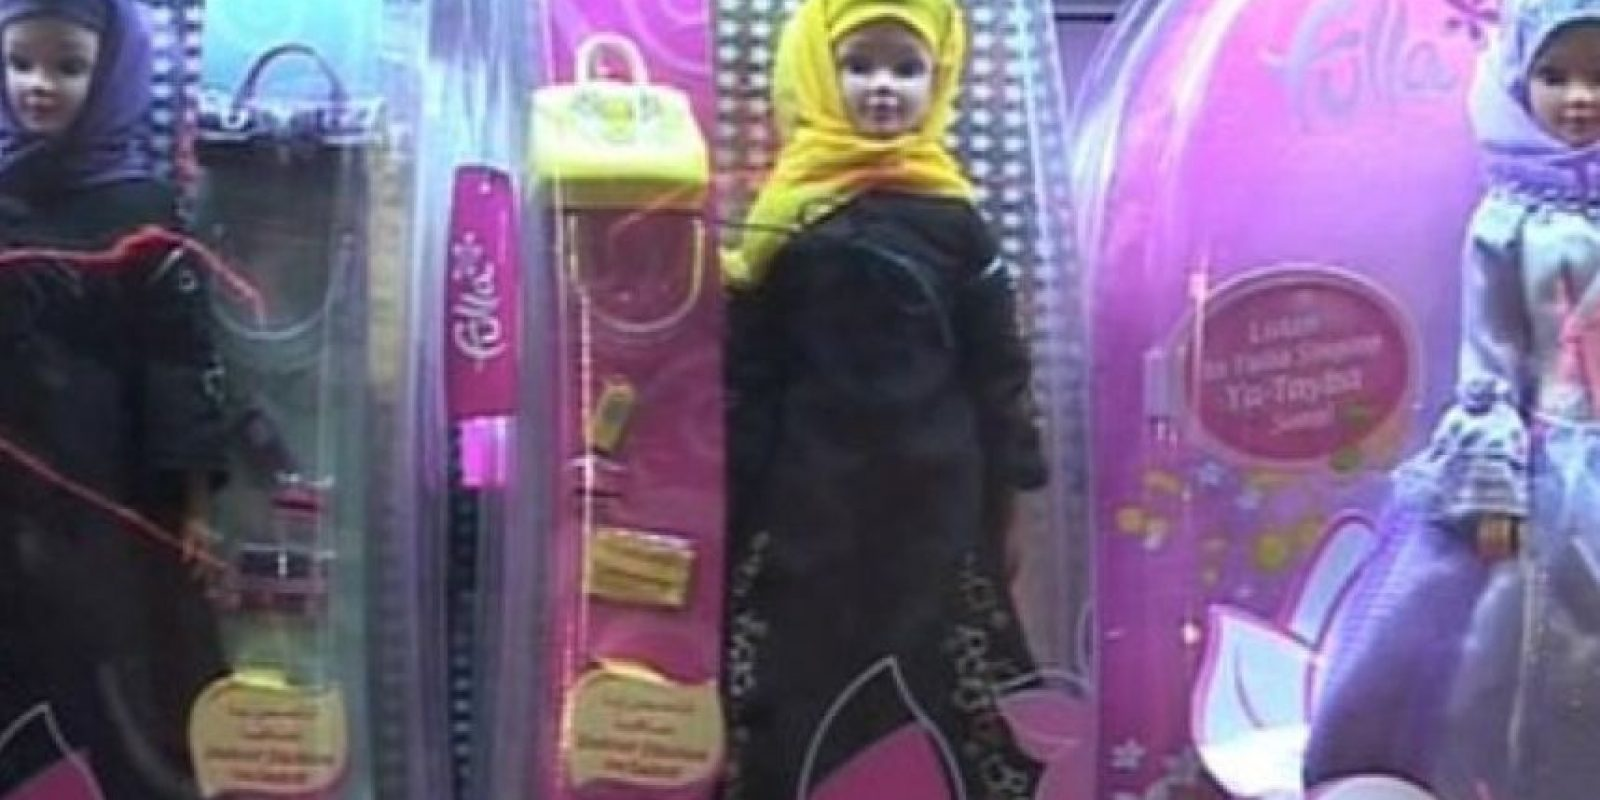 Fulla encarna los valores musulmanes, es sofisticada y tiene dos hermanas. También es culta y familiar. Se le llamó así por una flor de Medio Oriente. Foto:eBay